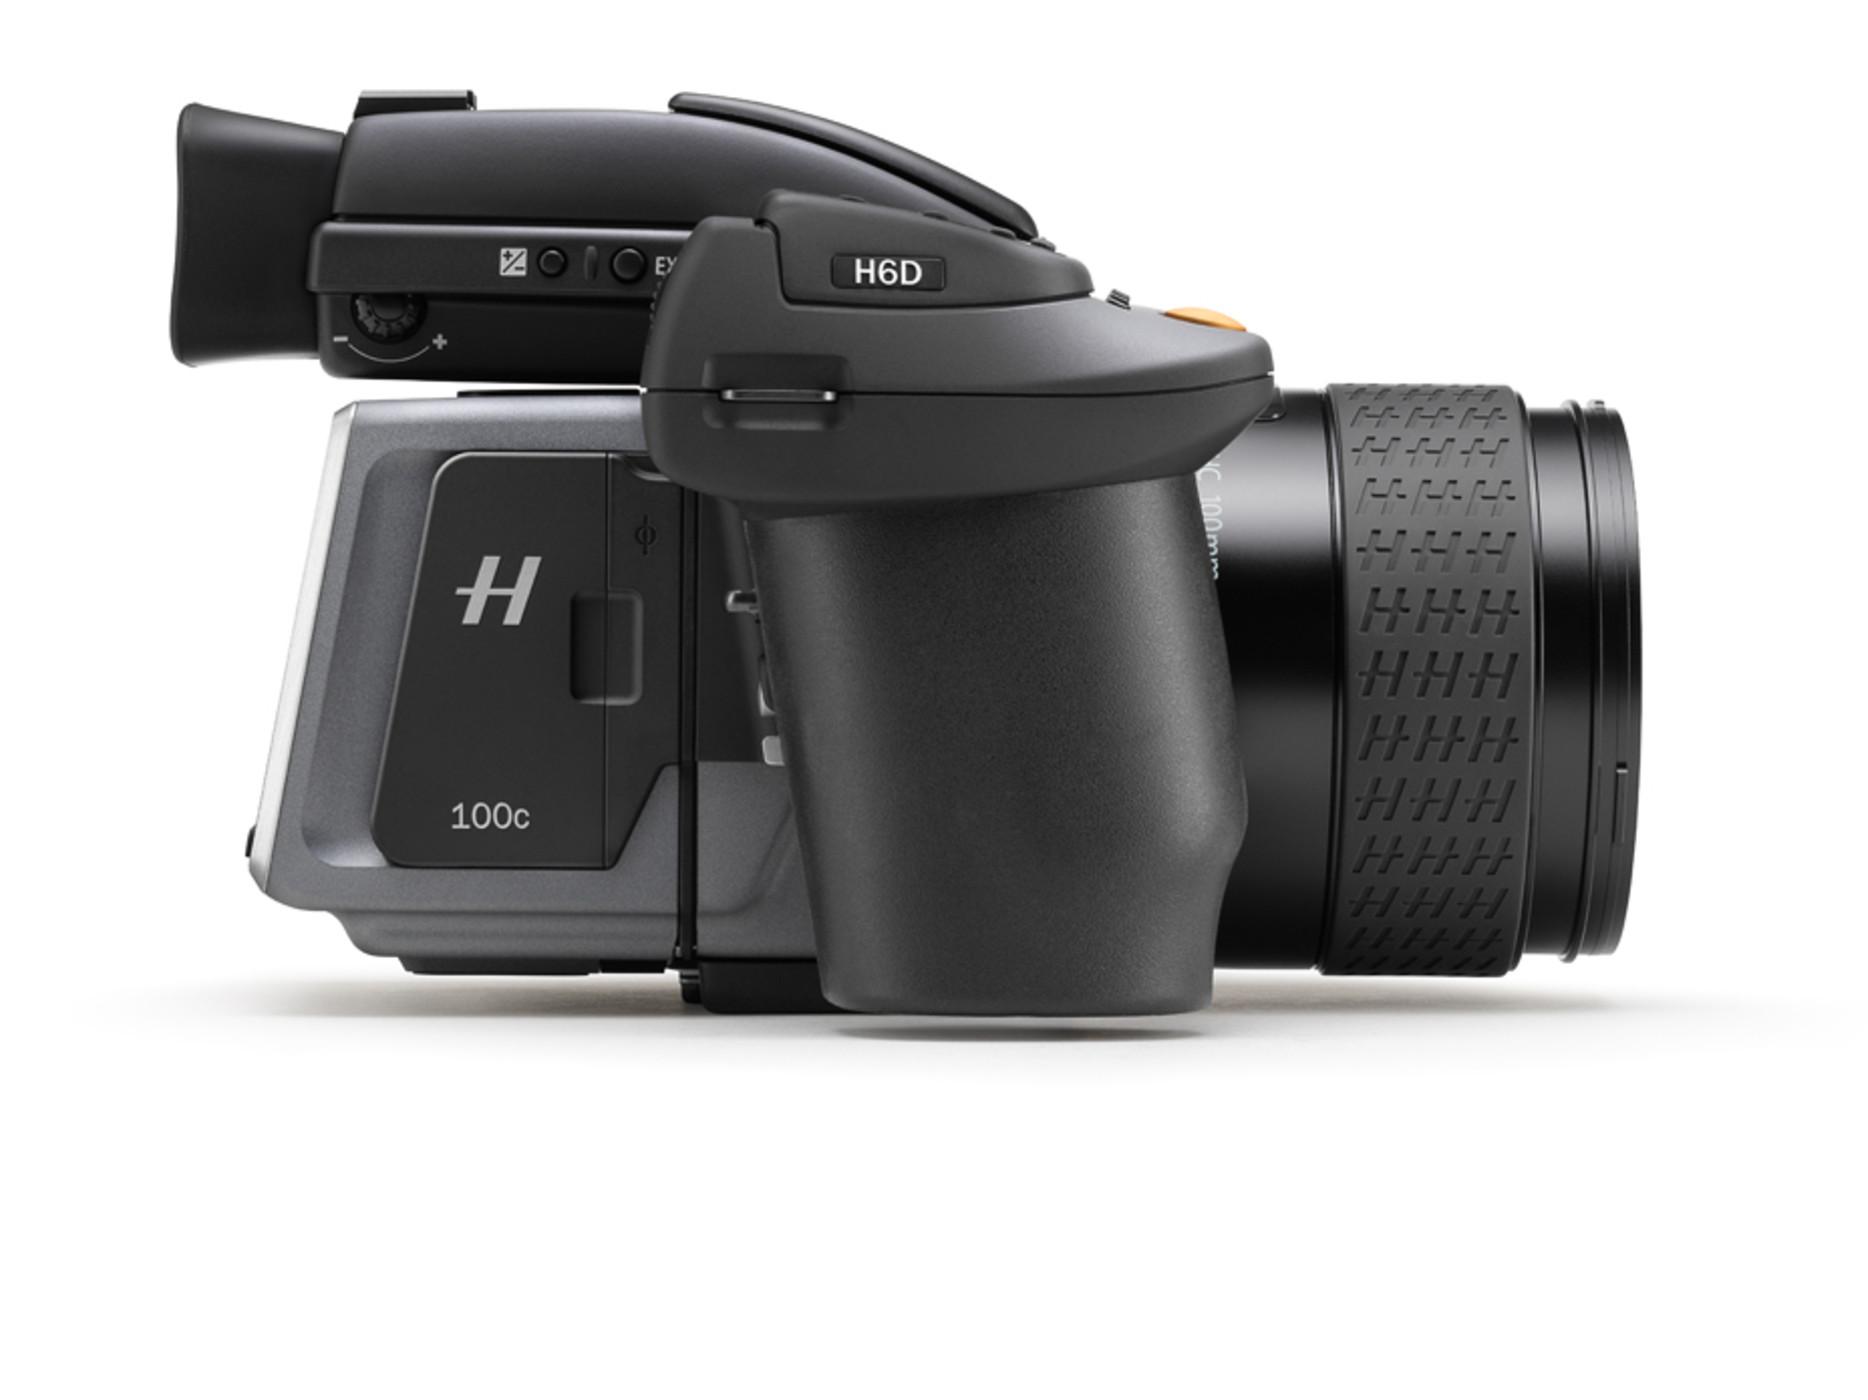 H6D-100c | H6D-50c